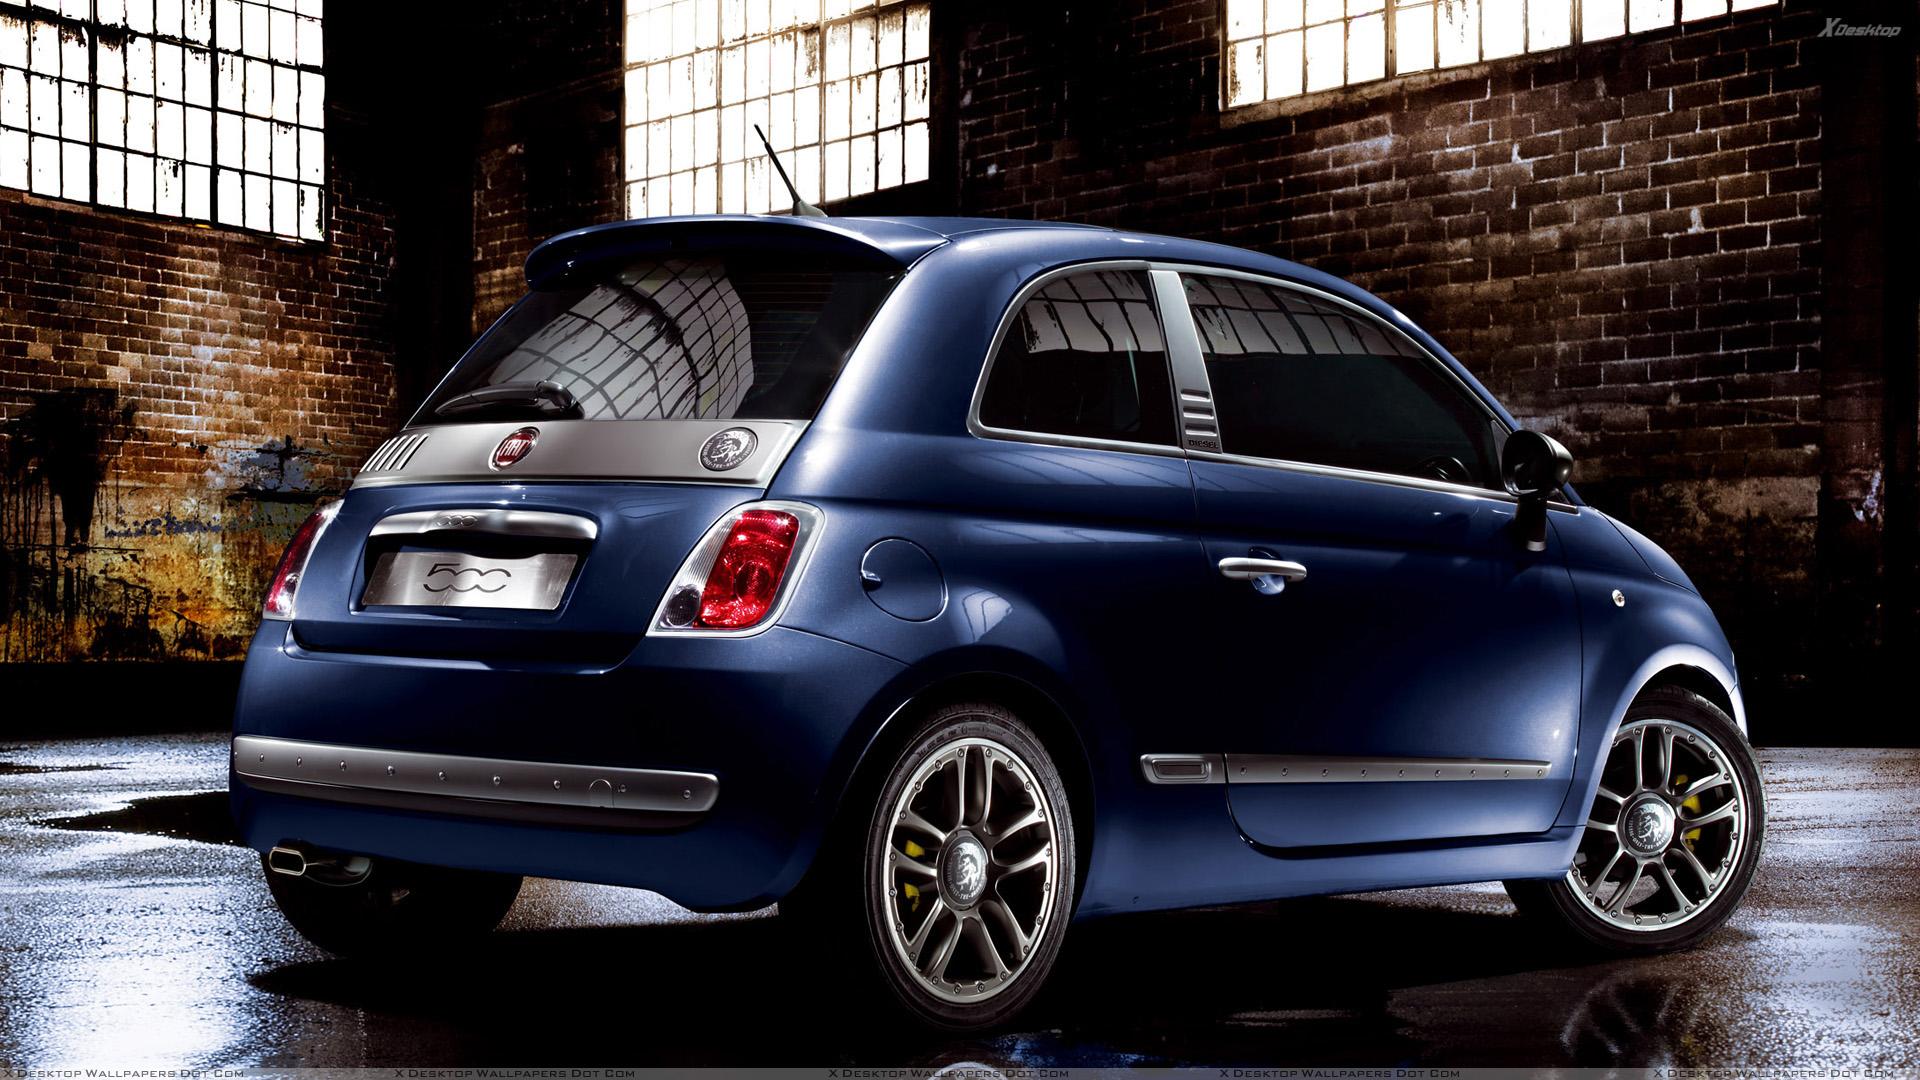 Fiat 500 Diesel Edition собираются для одноразового аукциона СПИДа